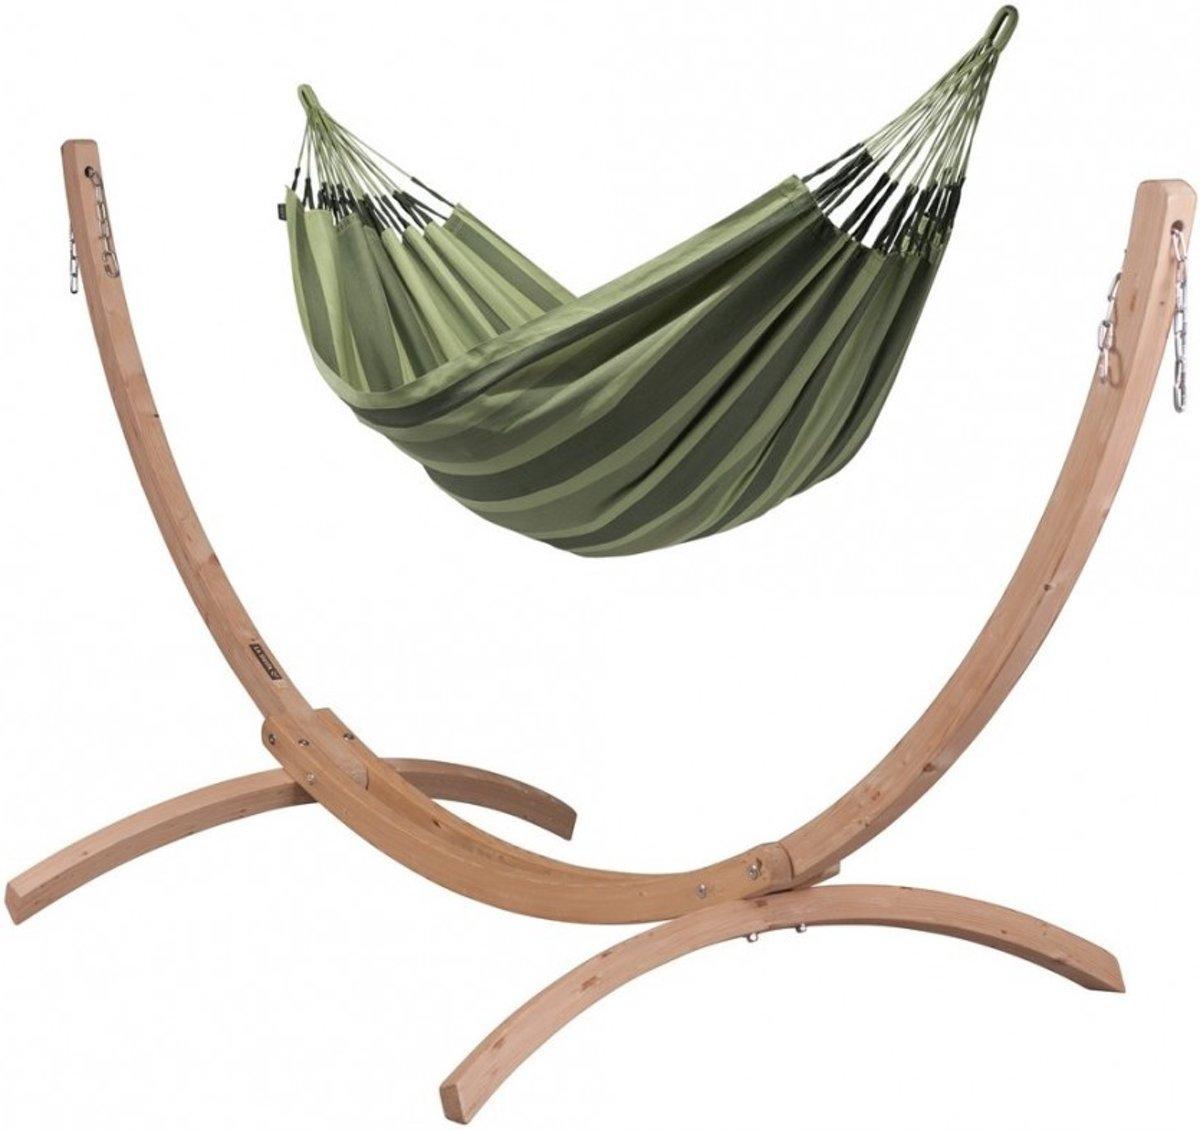 Hangmatset: 2-persoons hangmat AVENTURA forest + Standaard voor 2-persoons hangmat CANOA